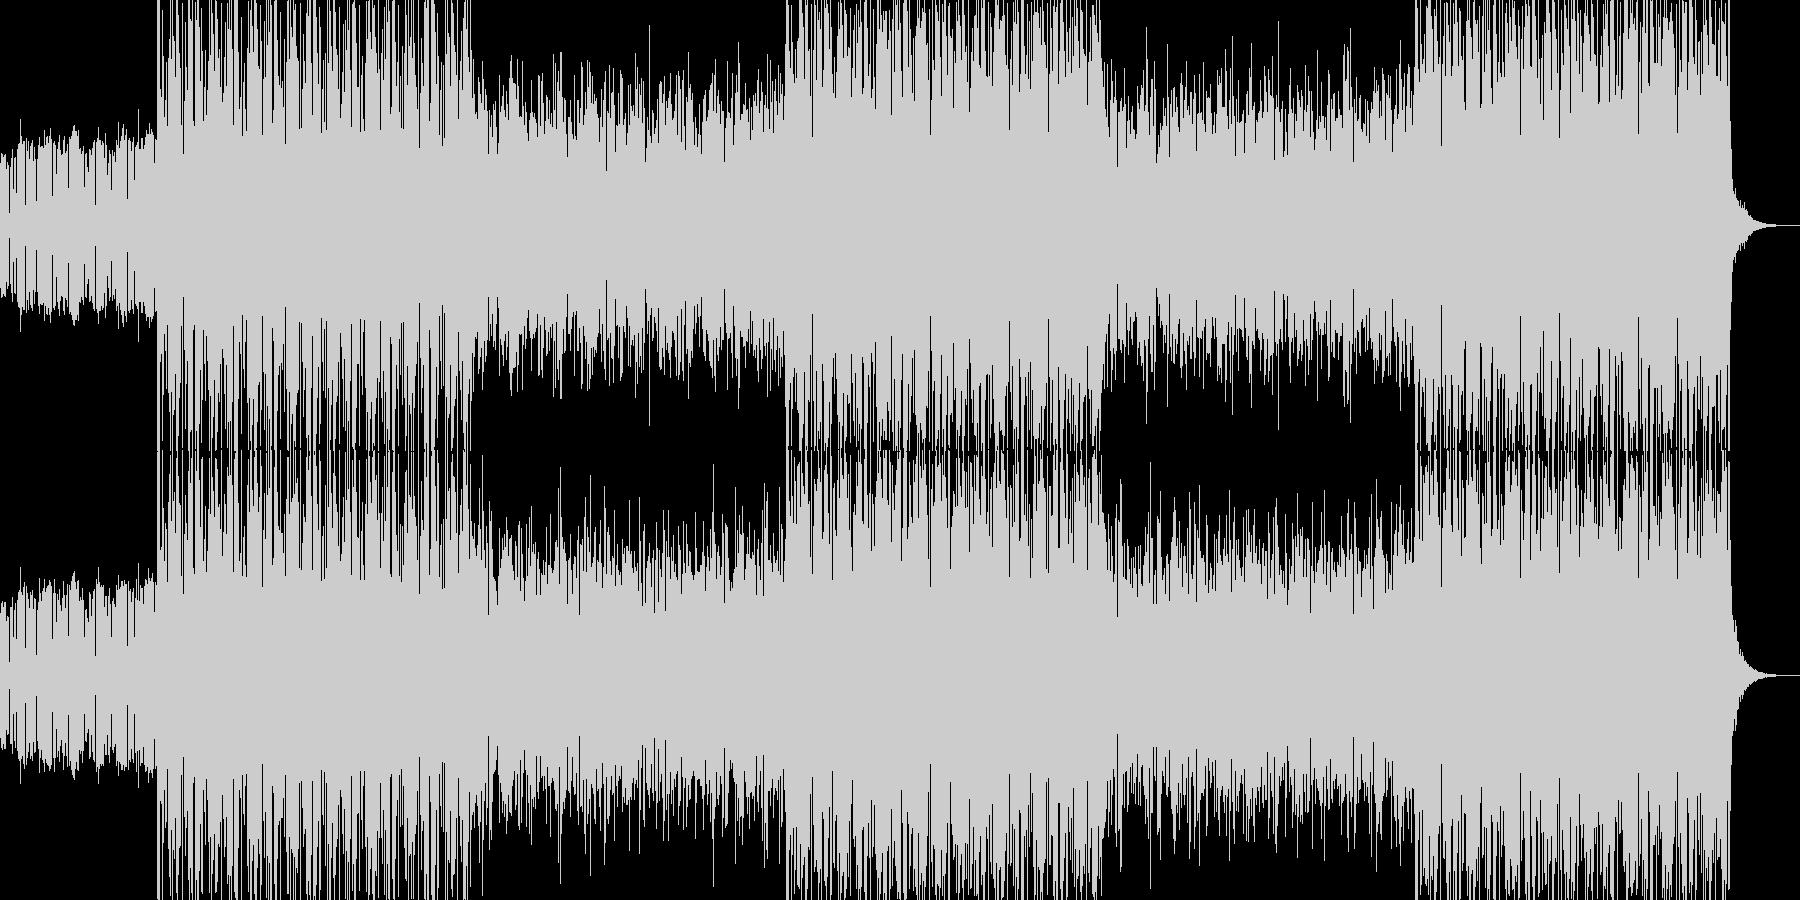 アクションゲーム風 デジロック曲の未再生の波形